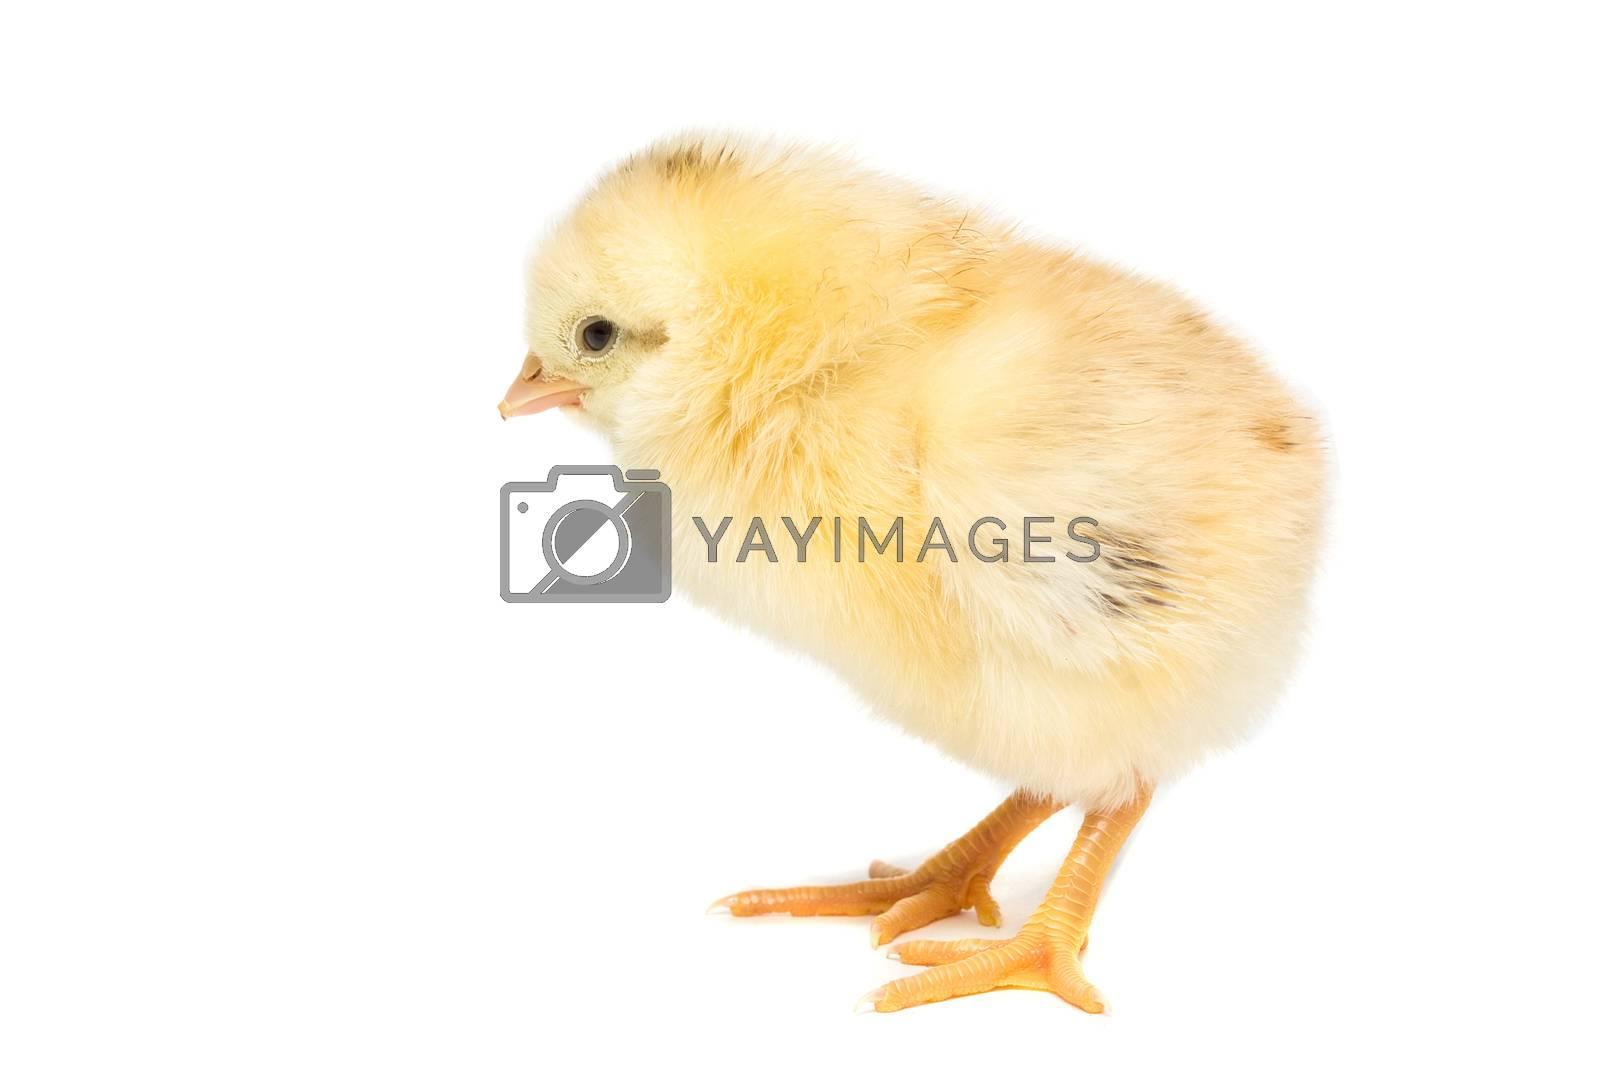 Chicken on white background by AlexBush